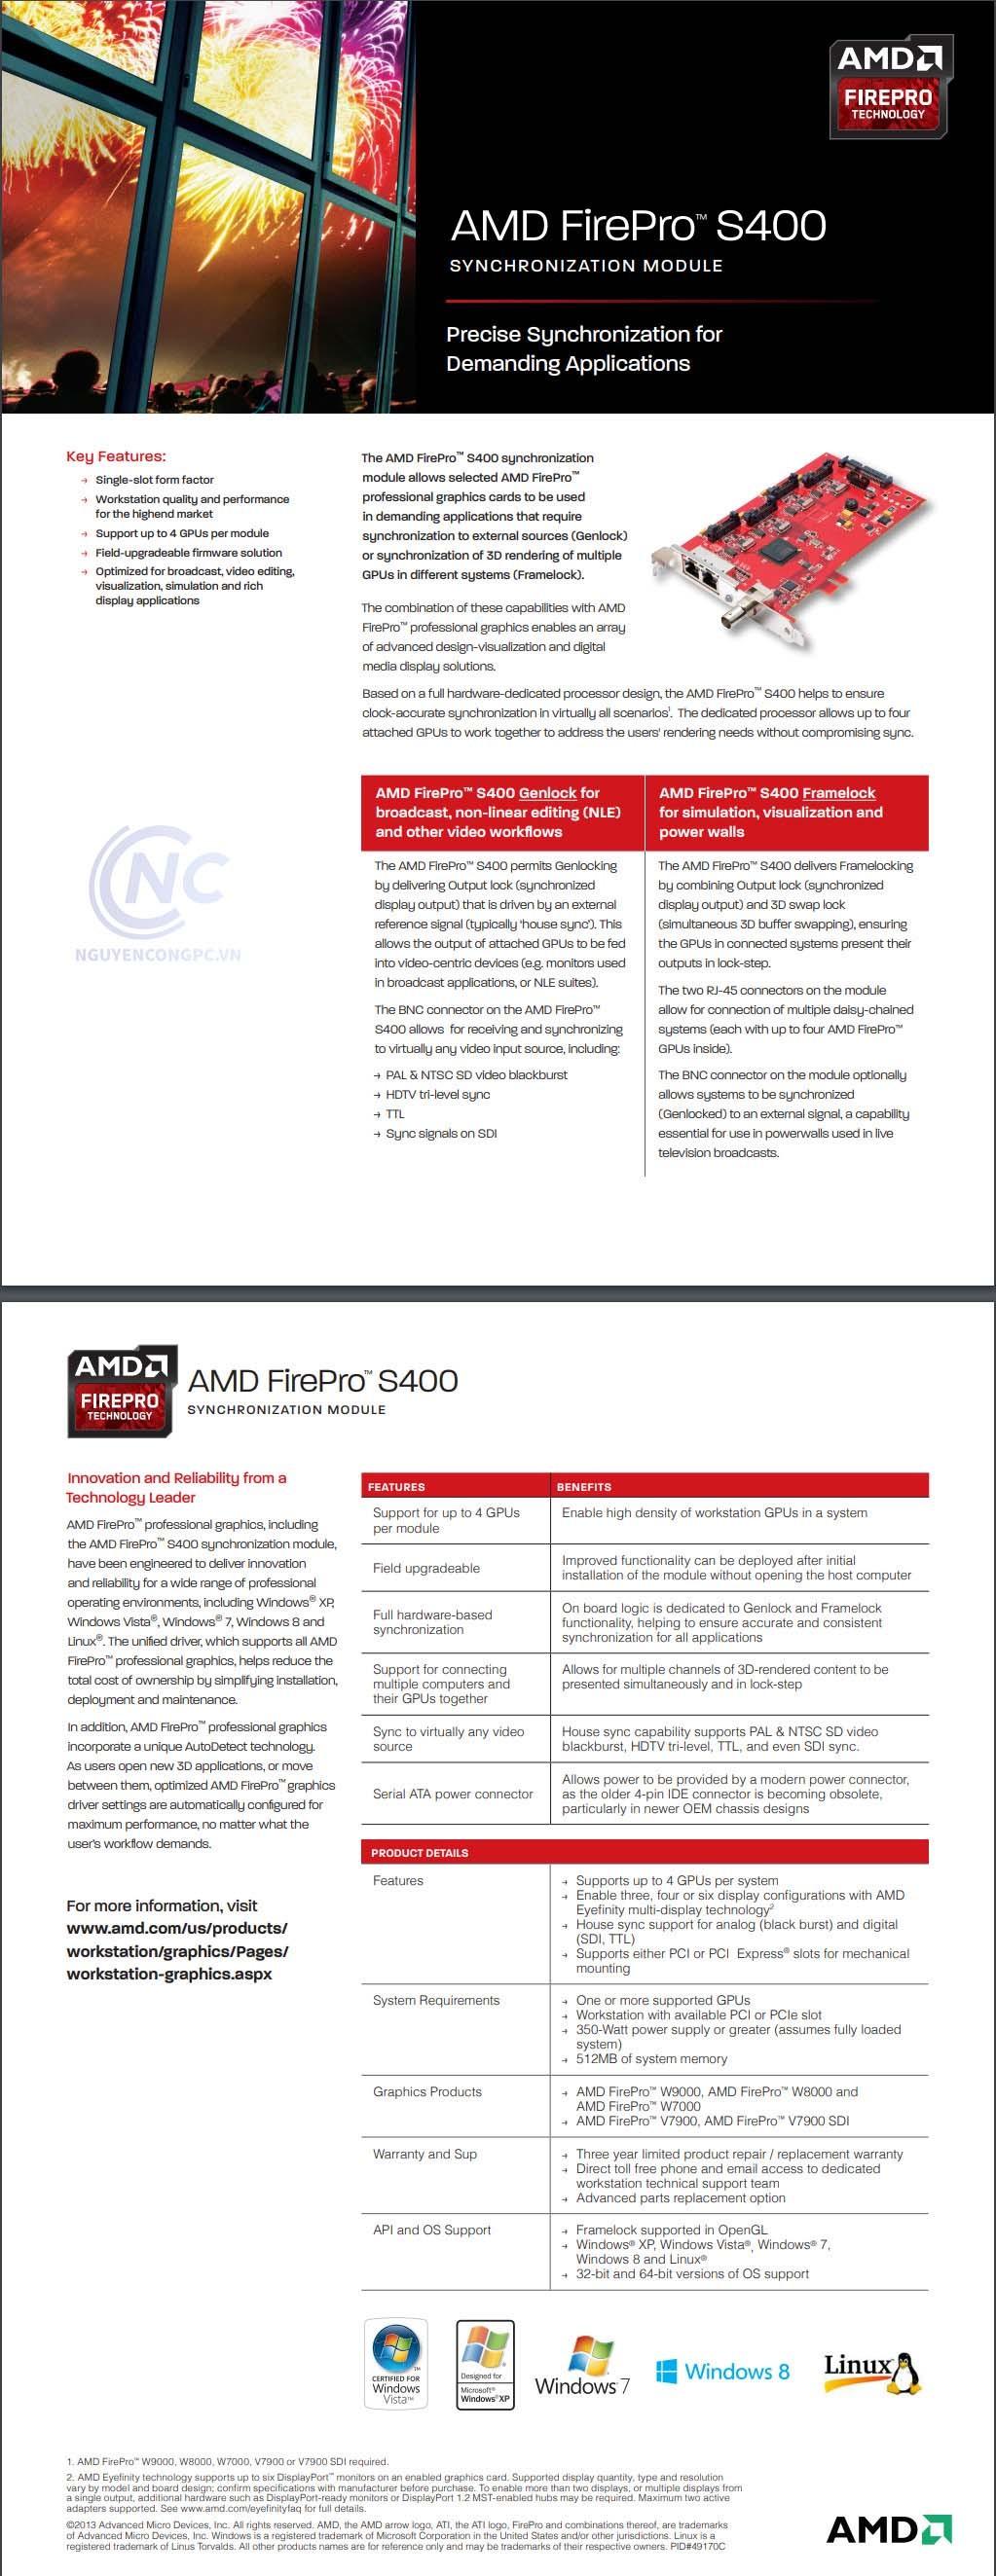 AMD FirePro S400